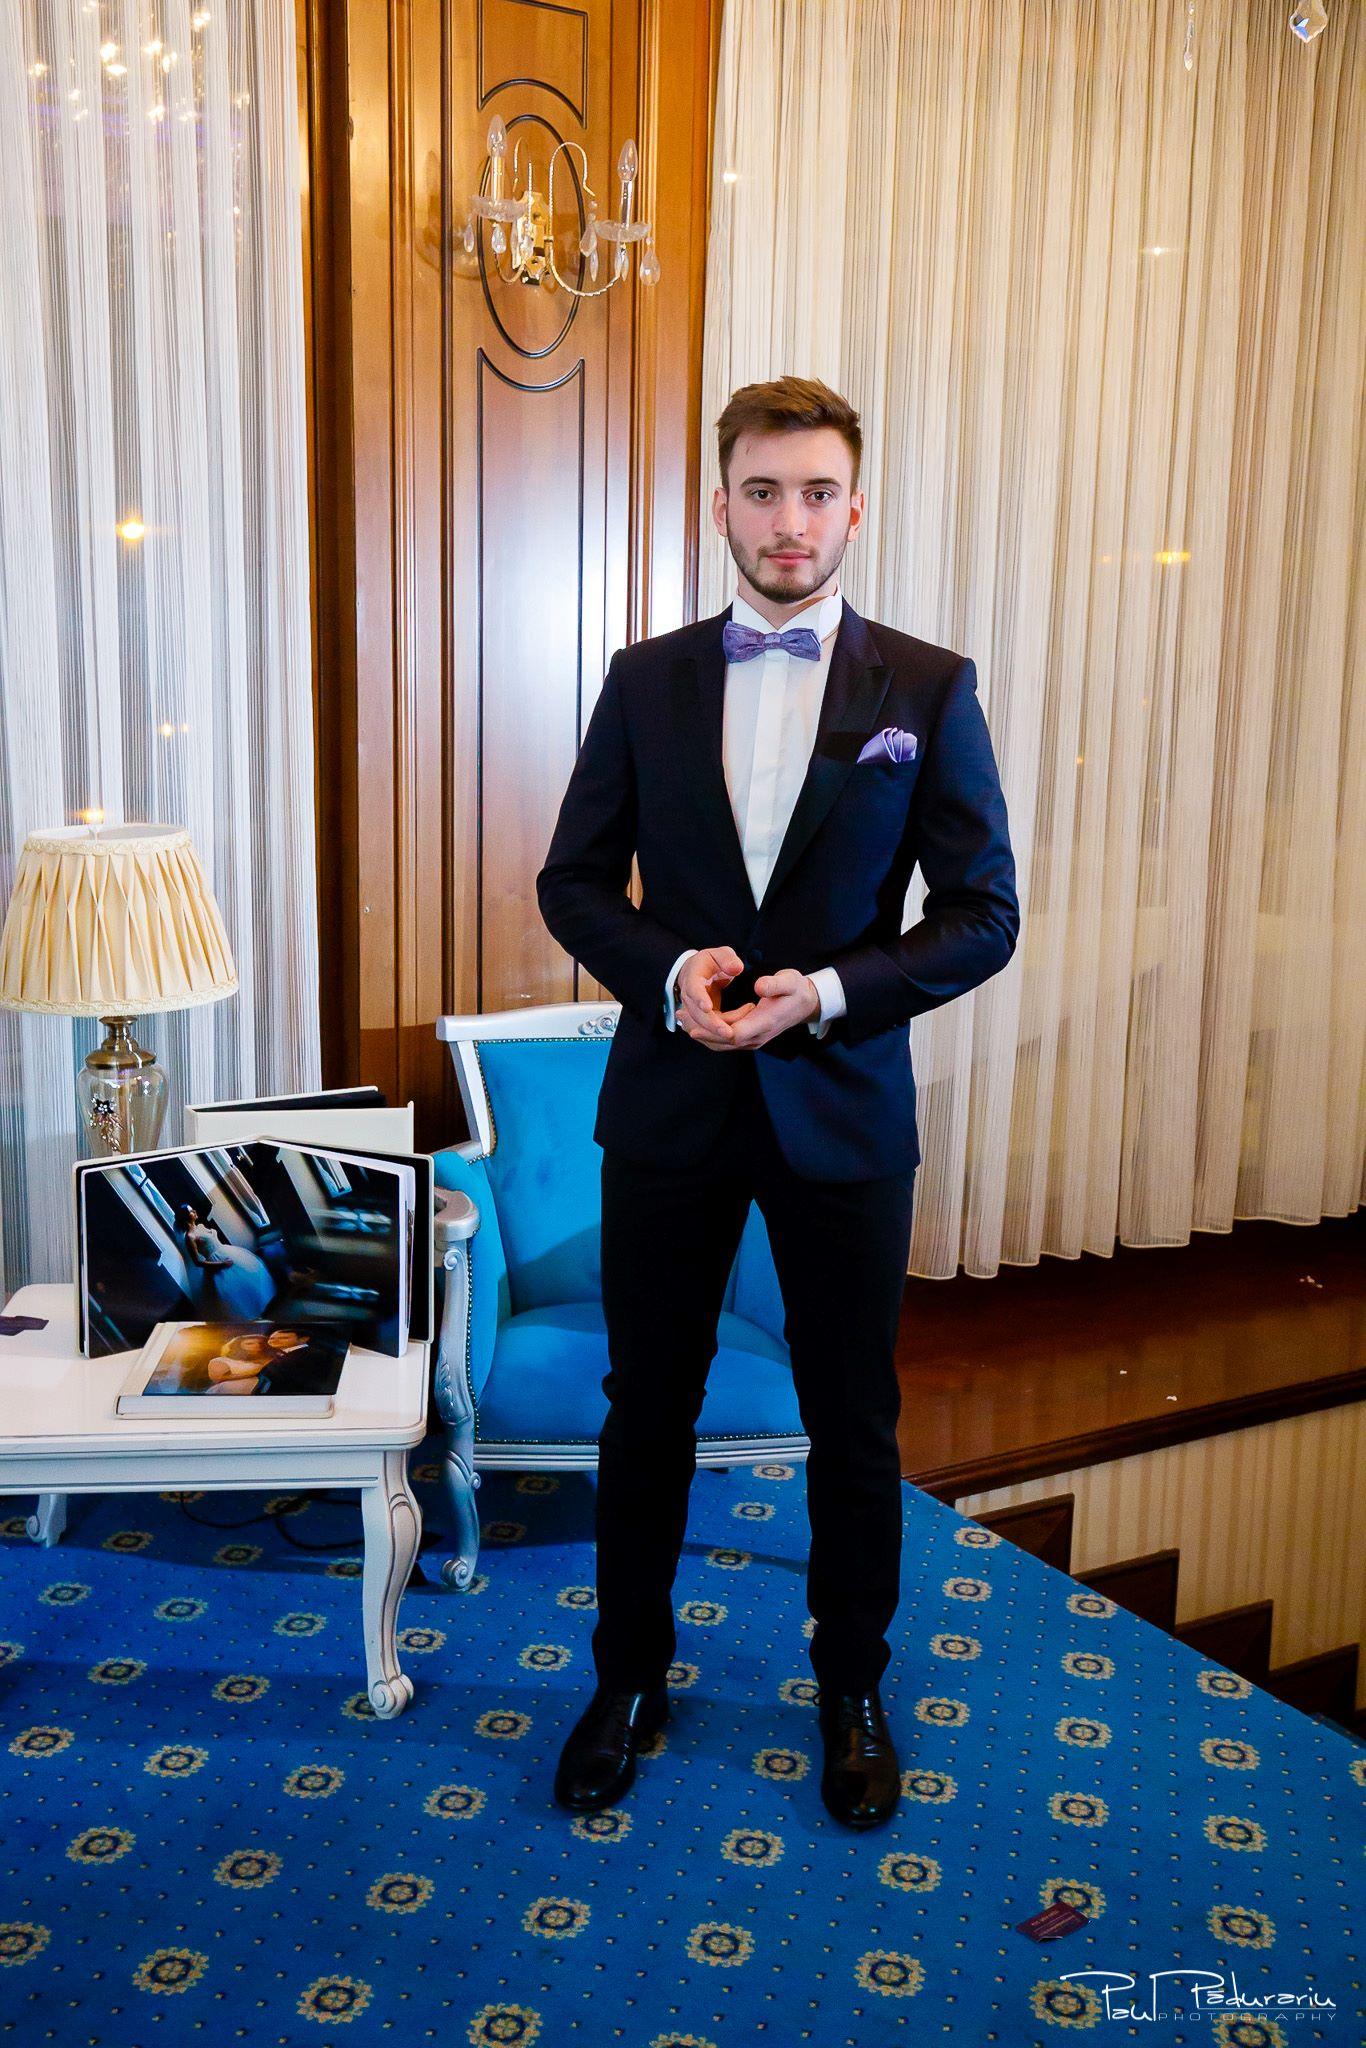 Seroussi | Producător și distribuitor de costume bărbătești colectia 2019 - costum mire - paul padurariu fotograf nunta iasi www.paulpadurariu.ro 29